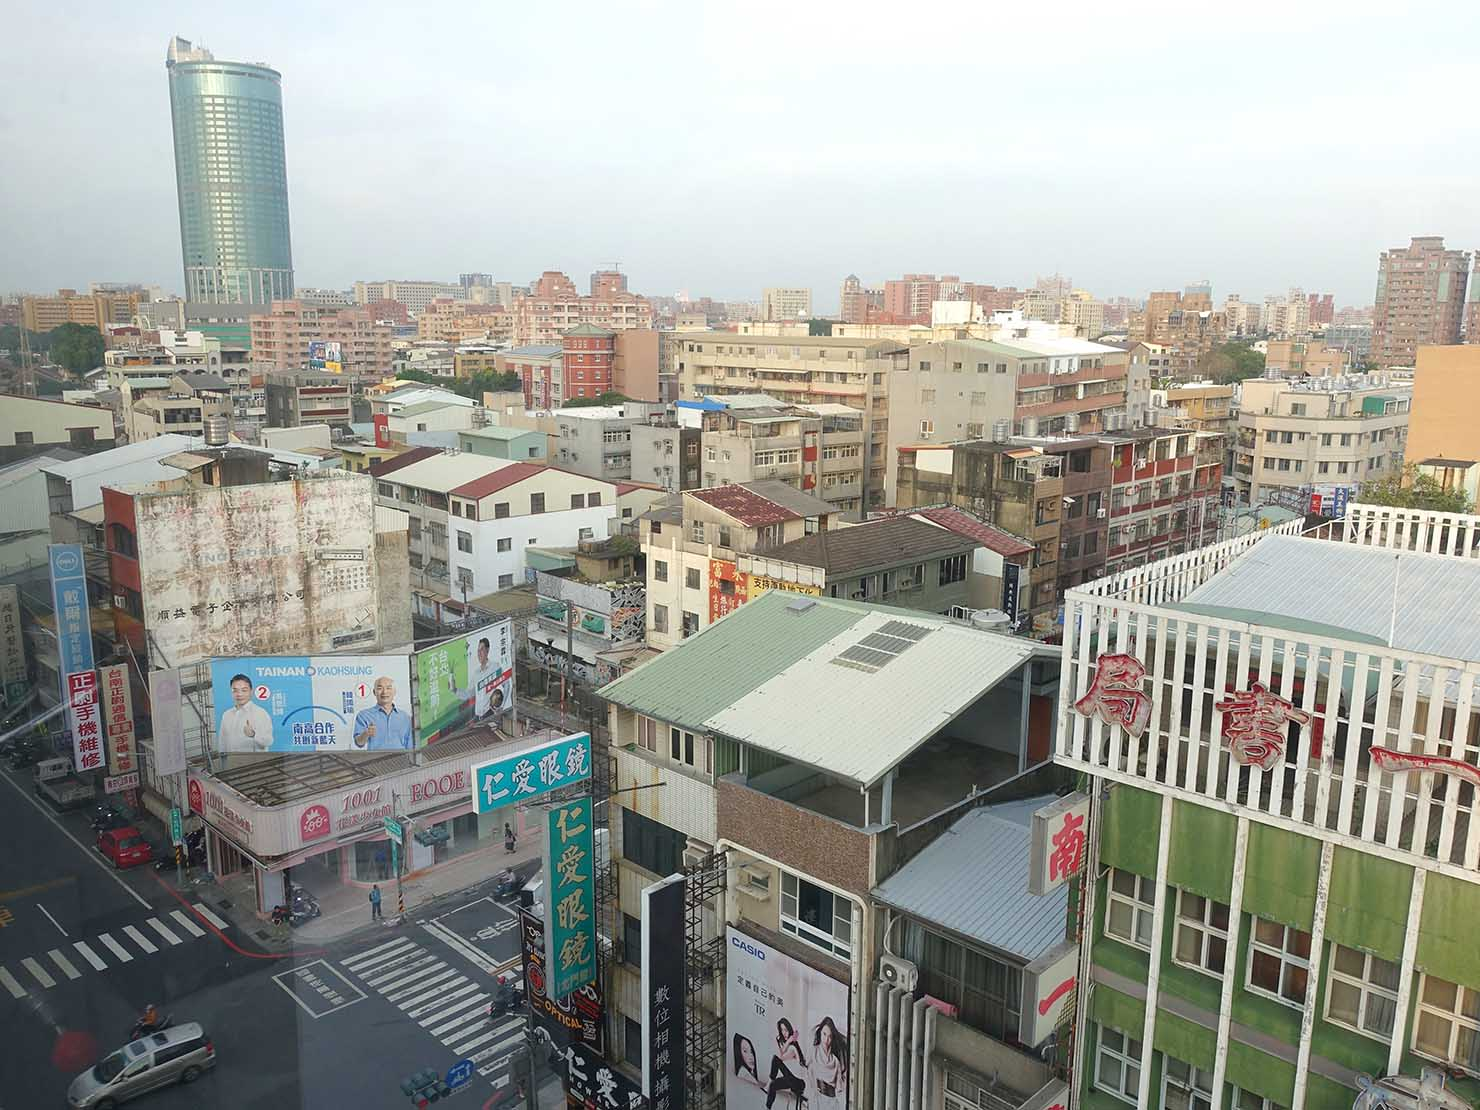 台南市内観光におすすめのホテル「長悅旅棧」長悅經典客房(クラシカルルーム)からの眺め